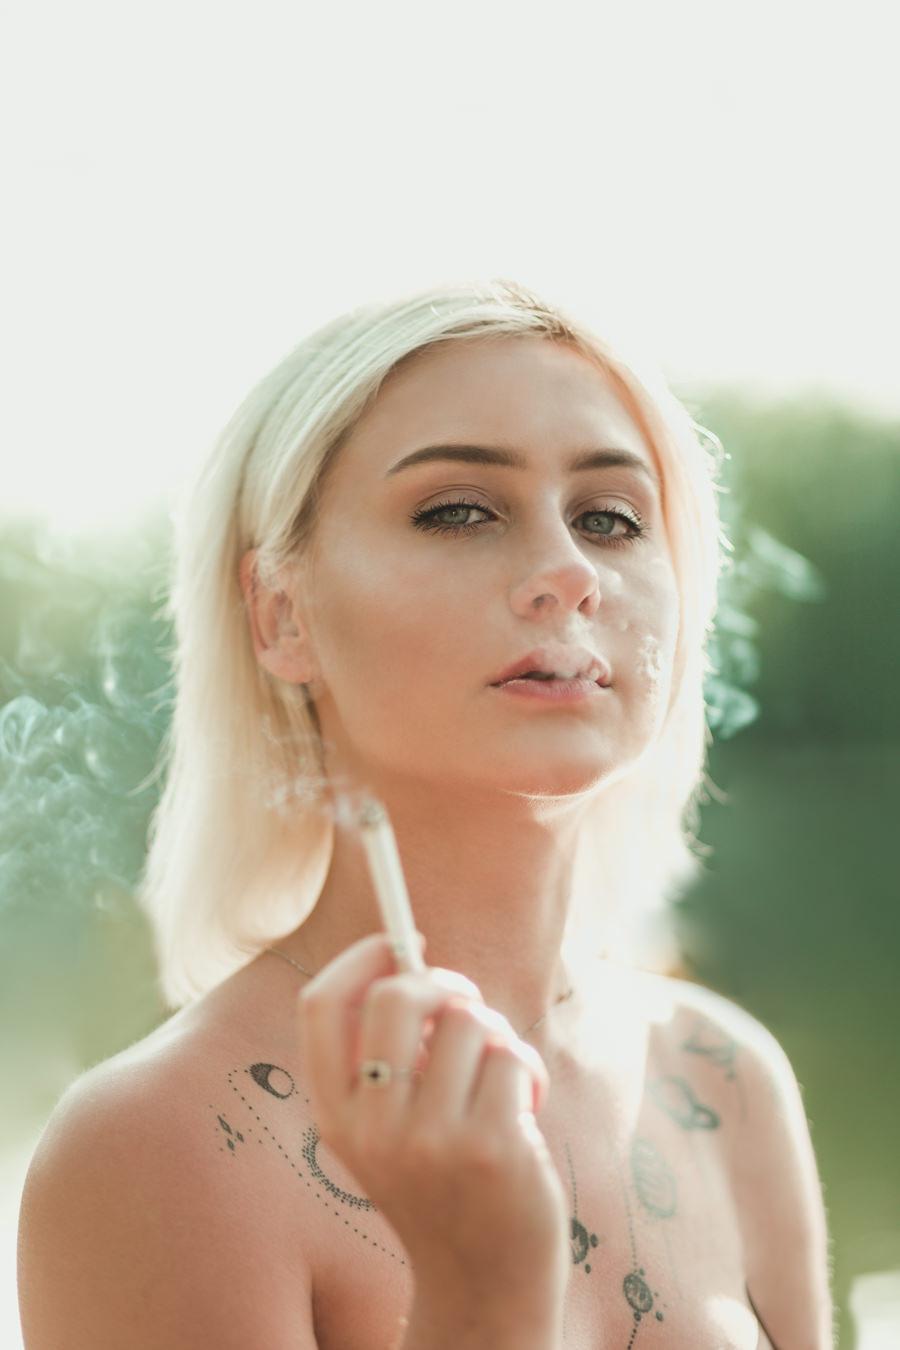 mloda kobieta papieros tatuaze